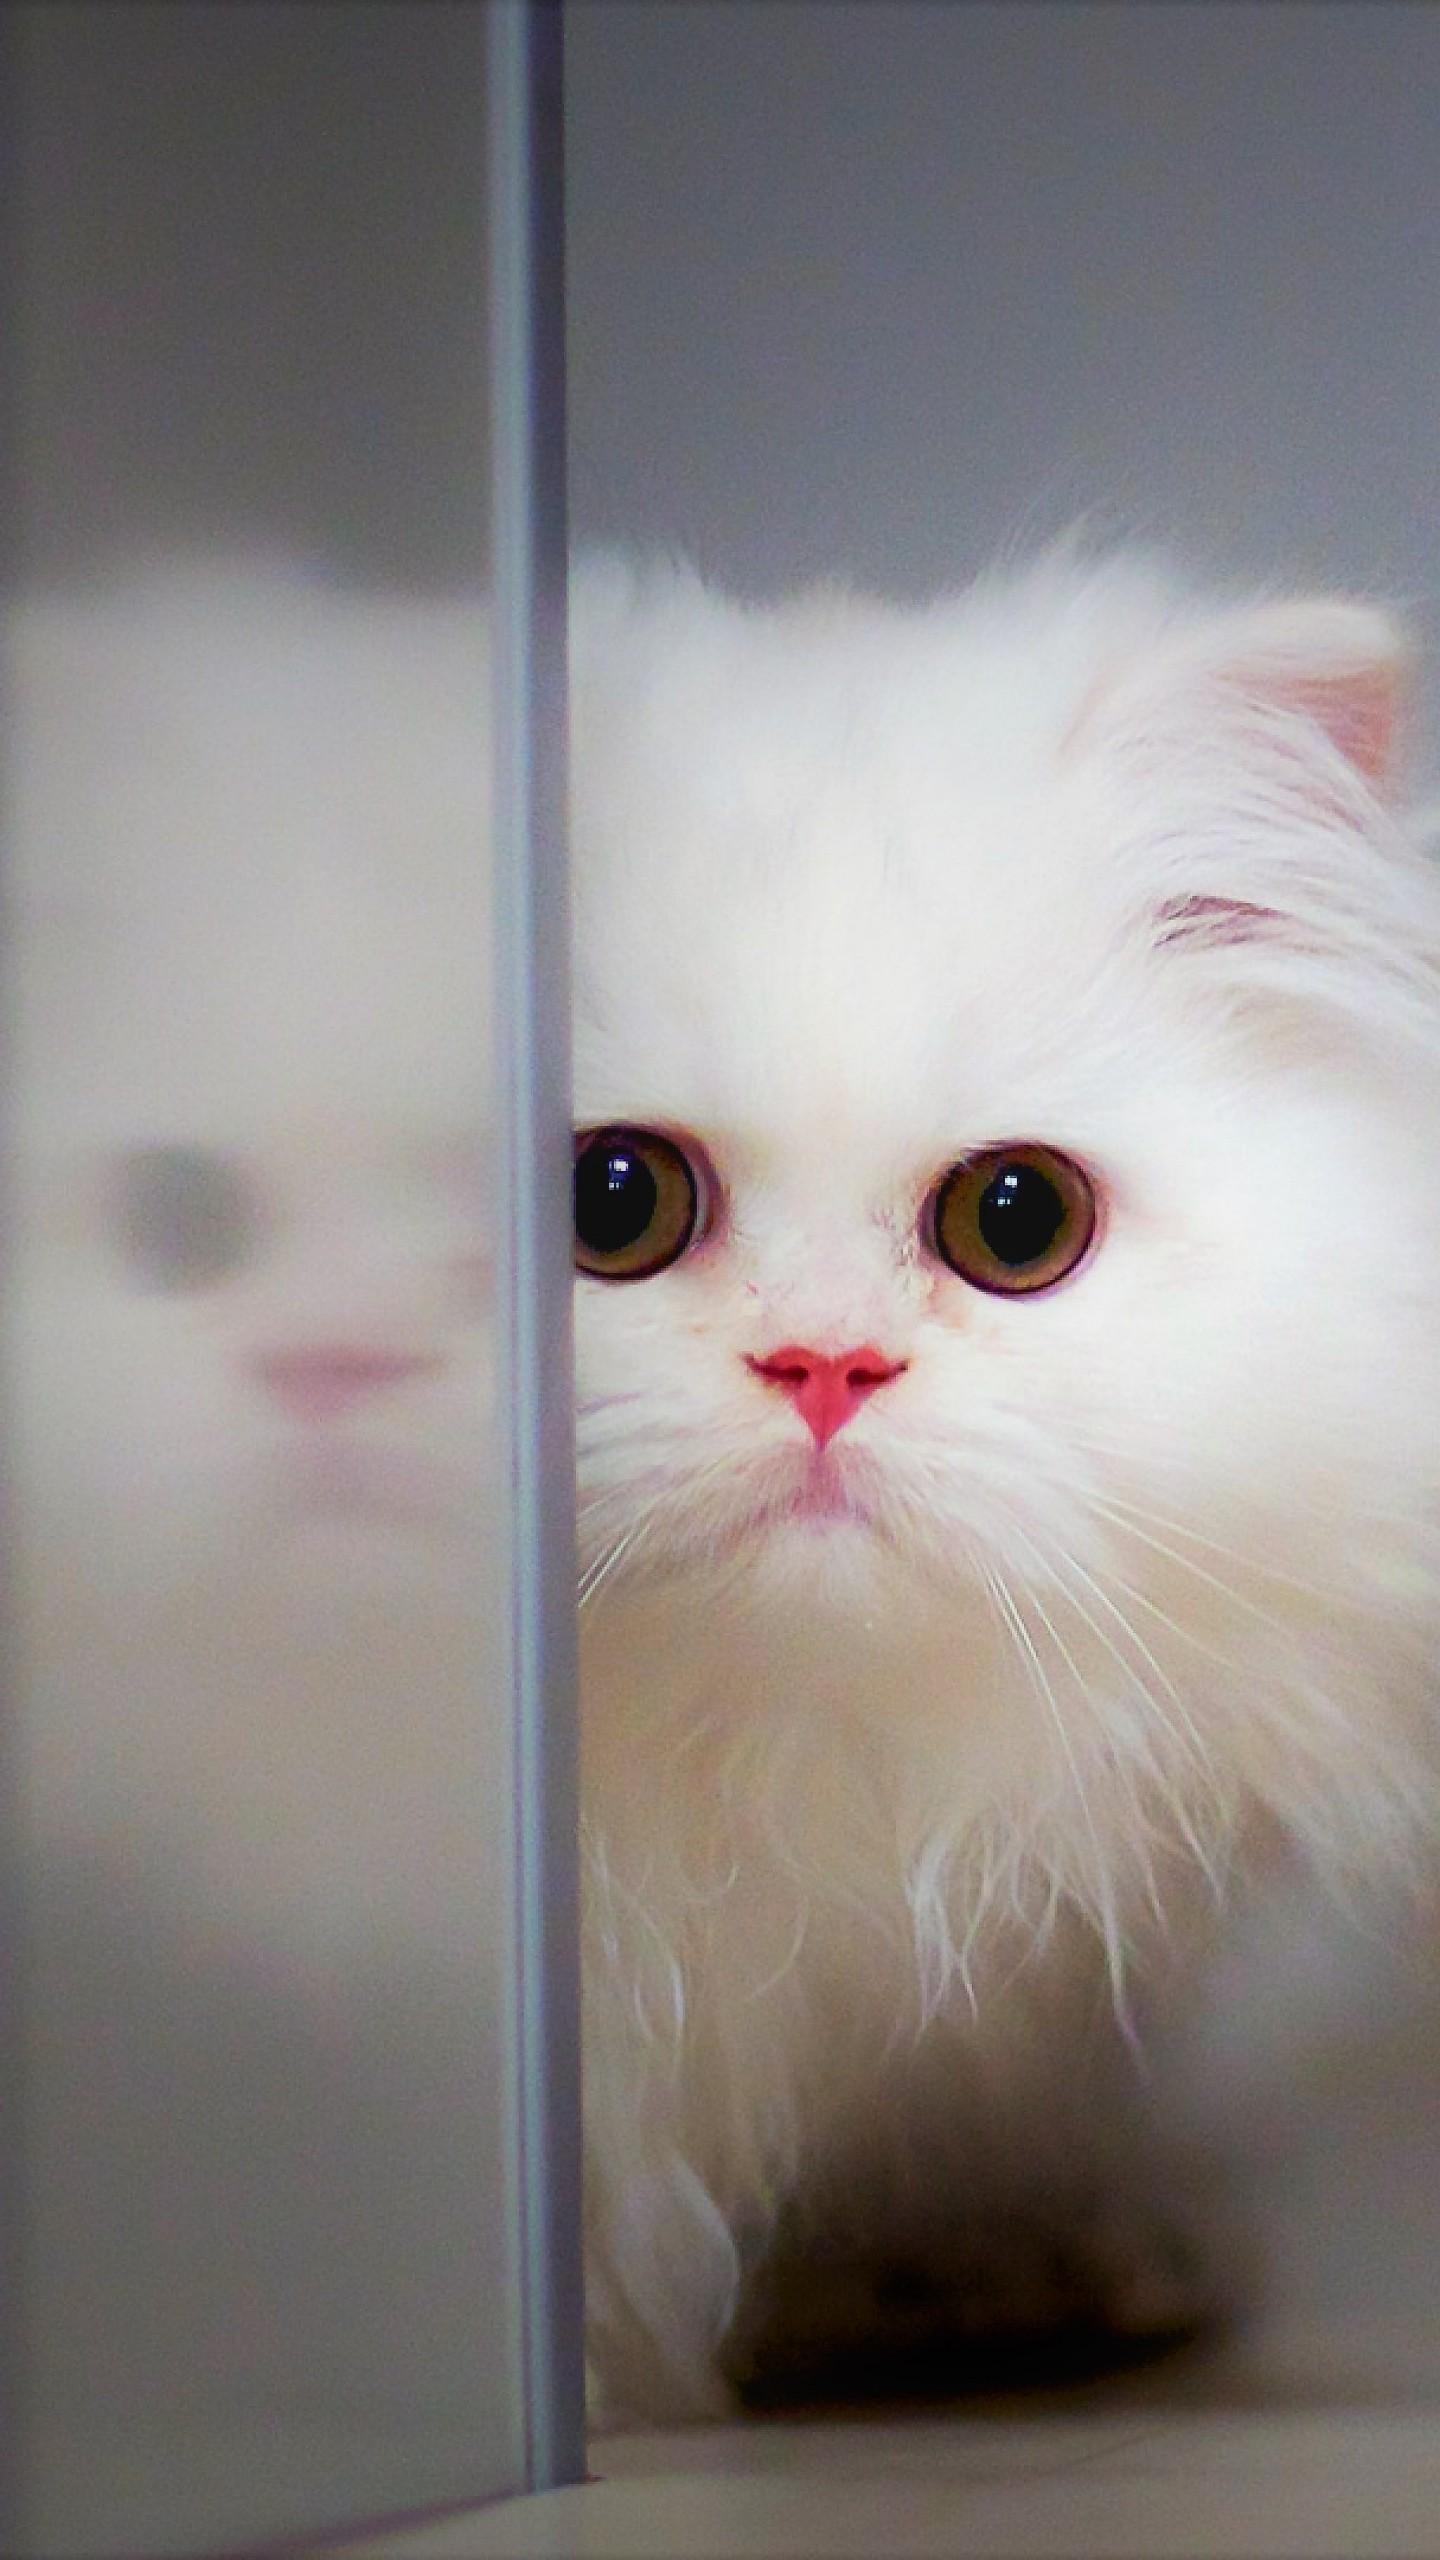 عکس زمینه بچه گربه سفید ناز بامزه 4K پس زمینه